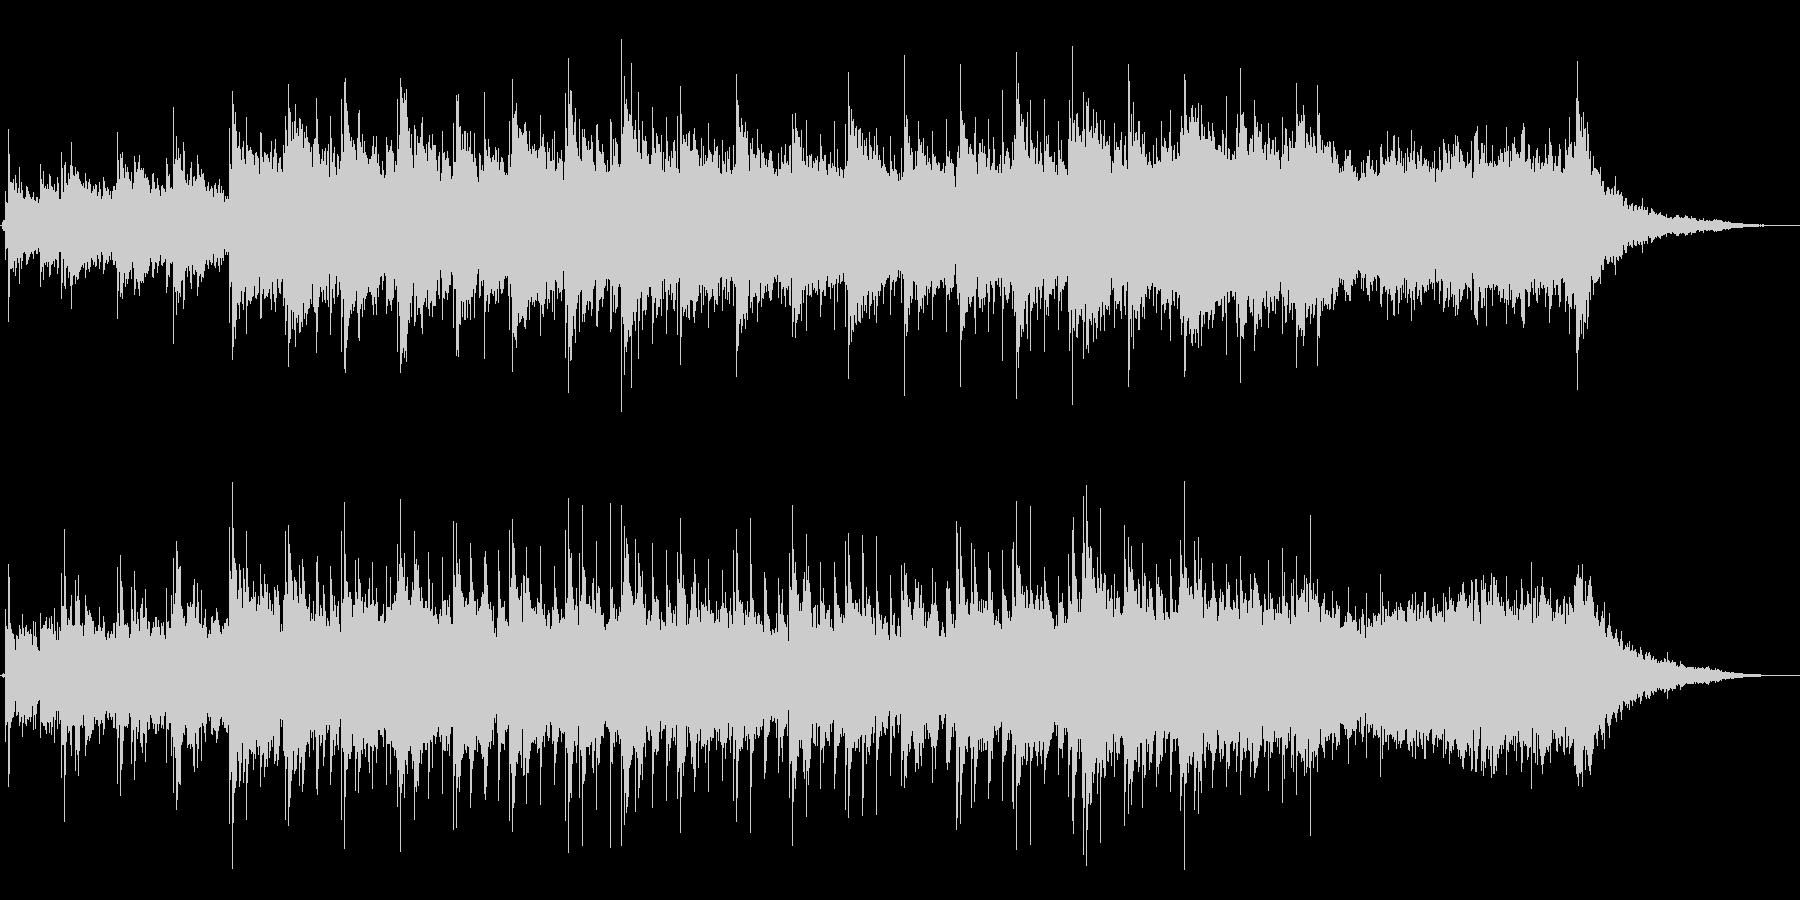 優しく静かなピアノのヒーリングBGMですの未再生の波形